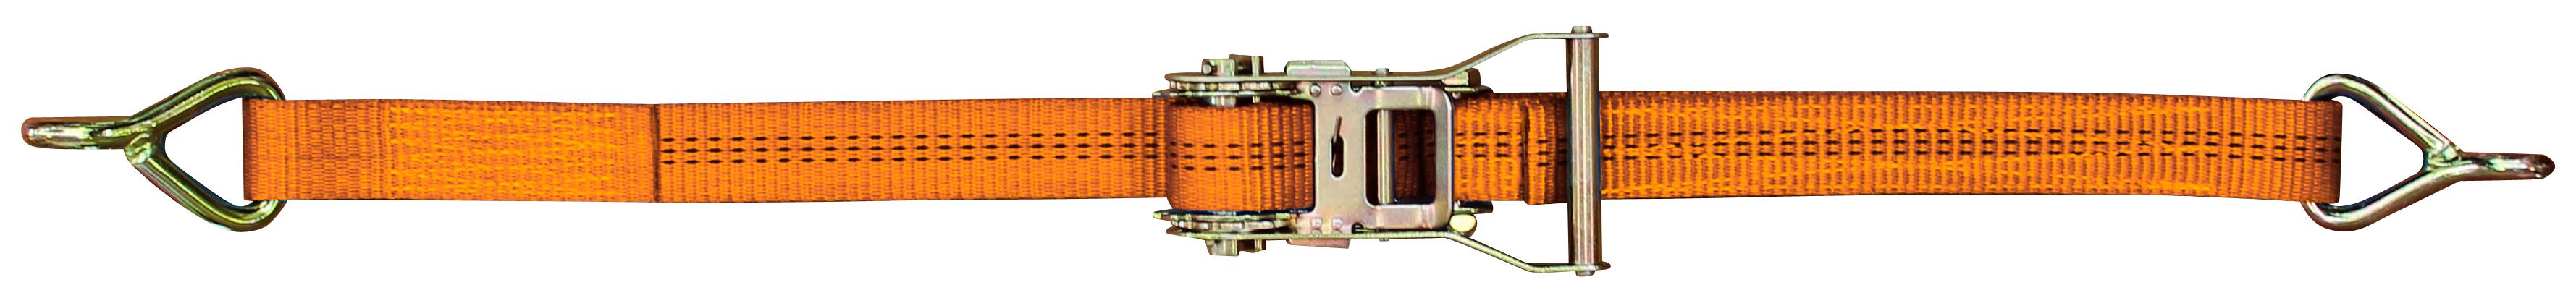 Ratschengurt 35 mm | 3.000 daN zweiteilg